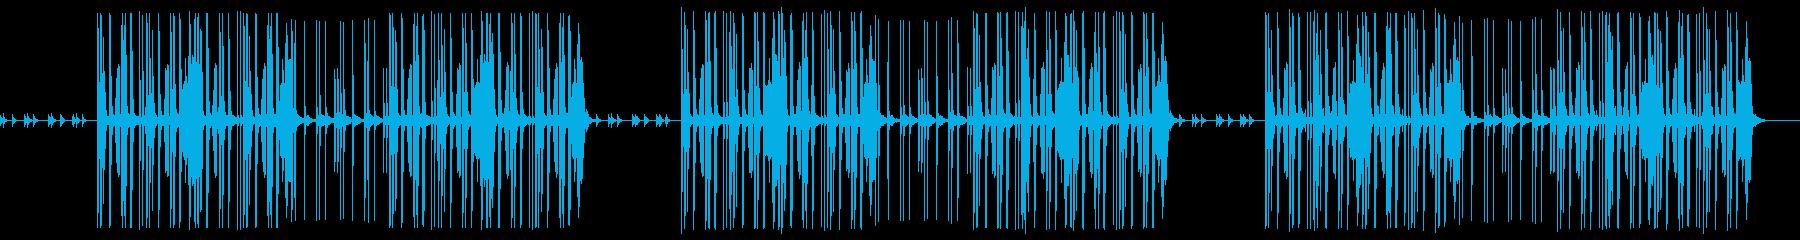 ほのぼのした謎解きのようなかわいいBGMの再生済みの波形